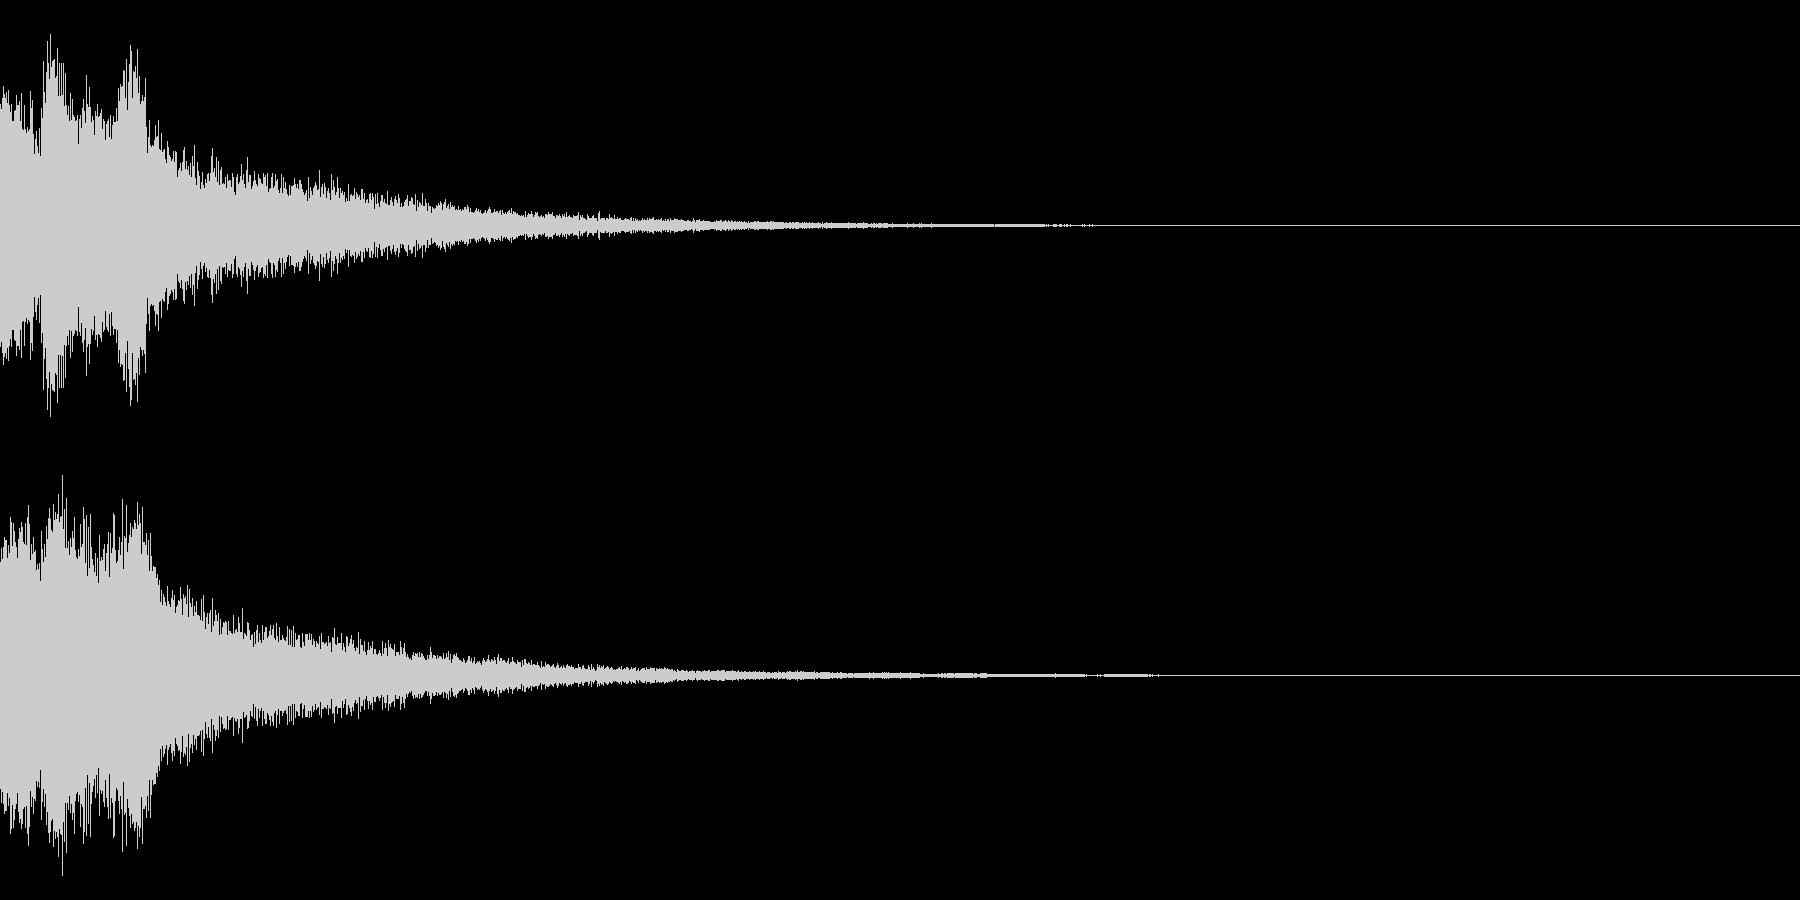 ピンポンピンポン!キラキラ光る正解音03の未再生の波形